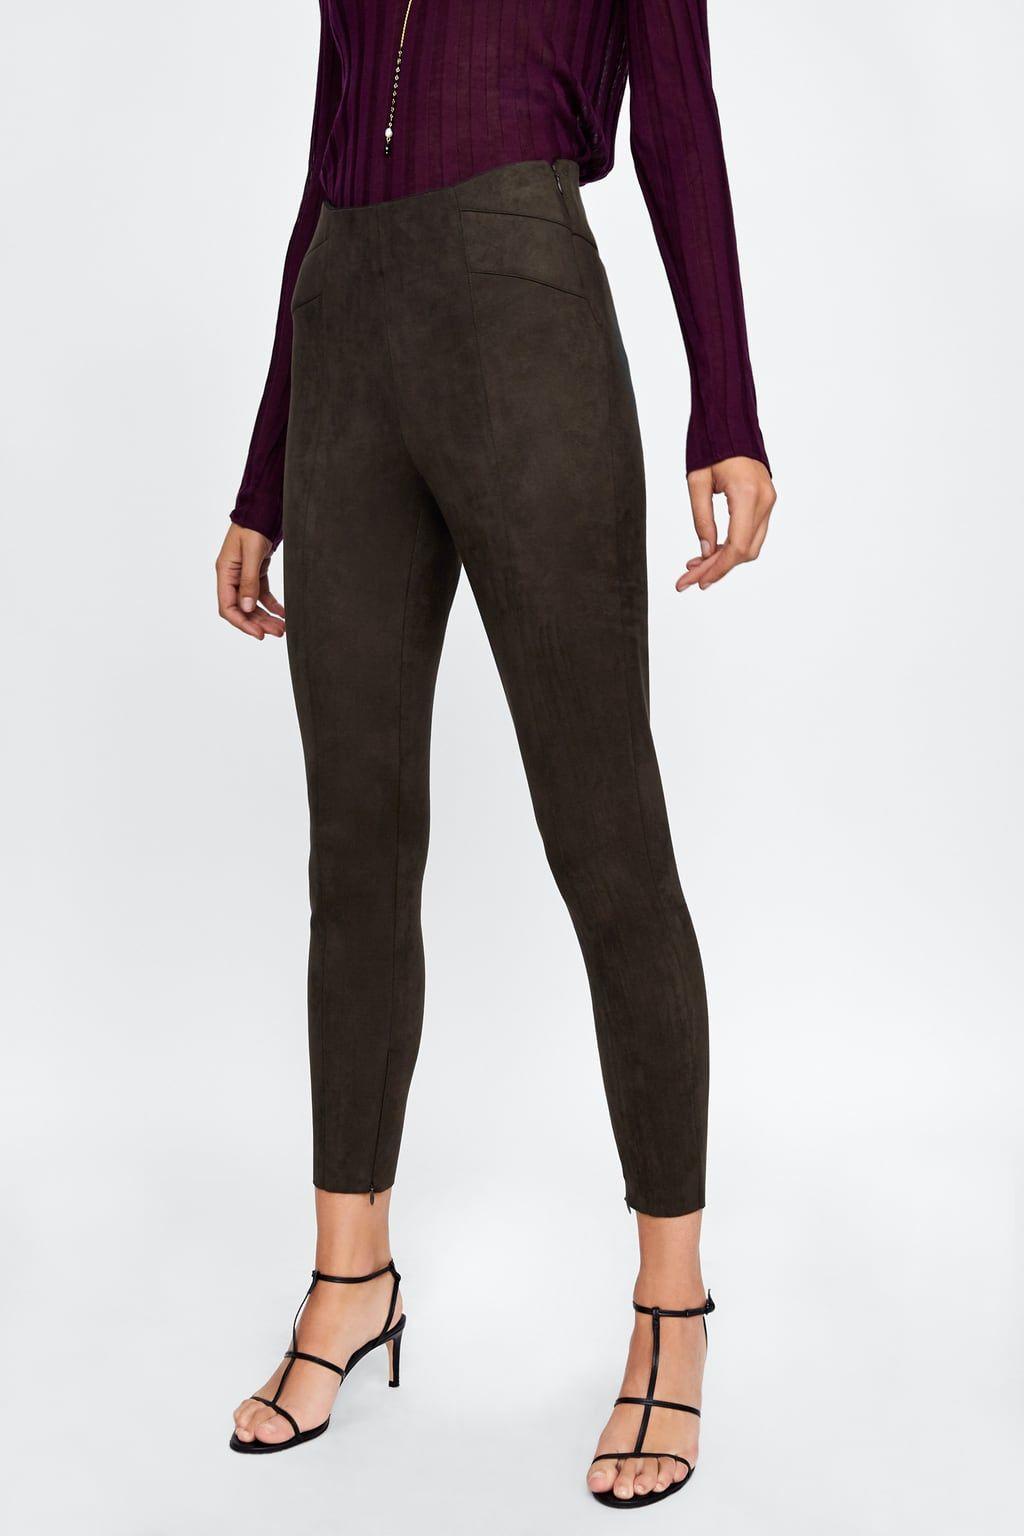 558da836 Faux suede leggings in 2019 | [wear] | Suede leggings, Faux leather ...